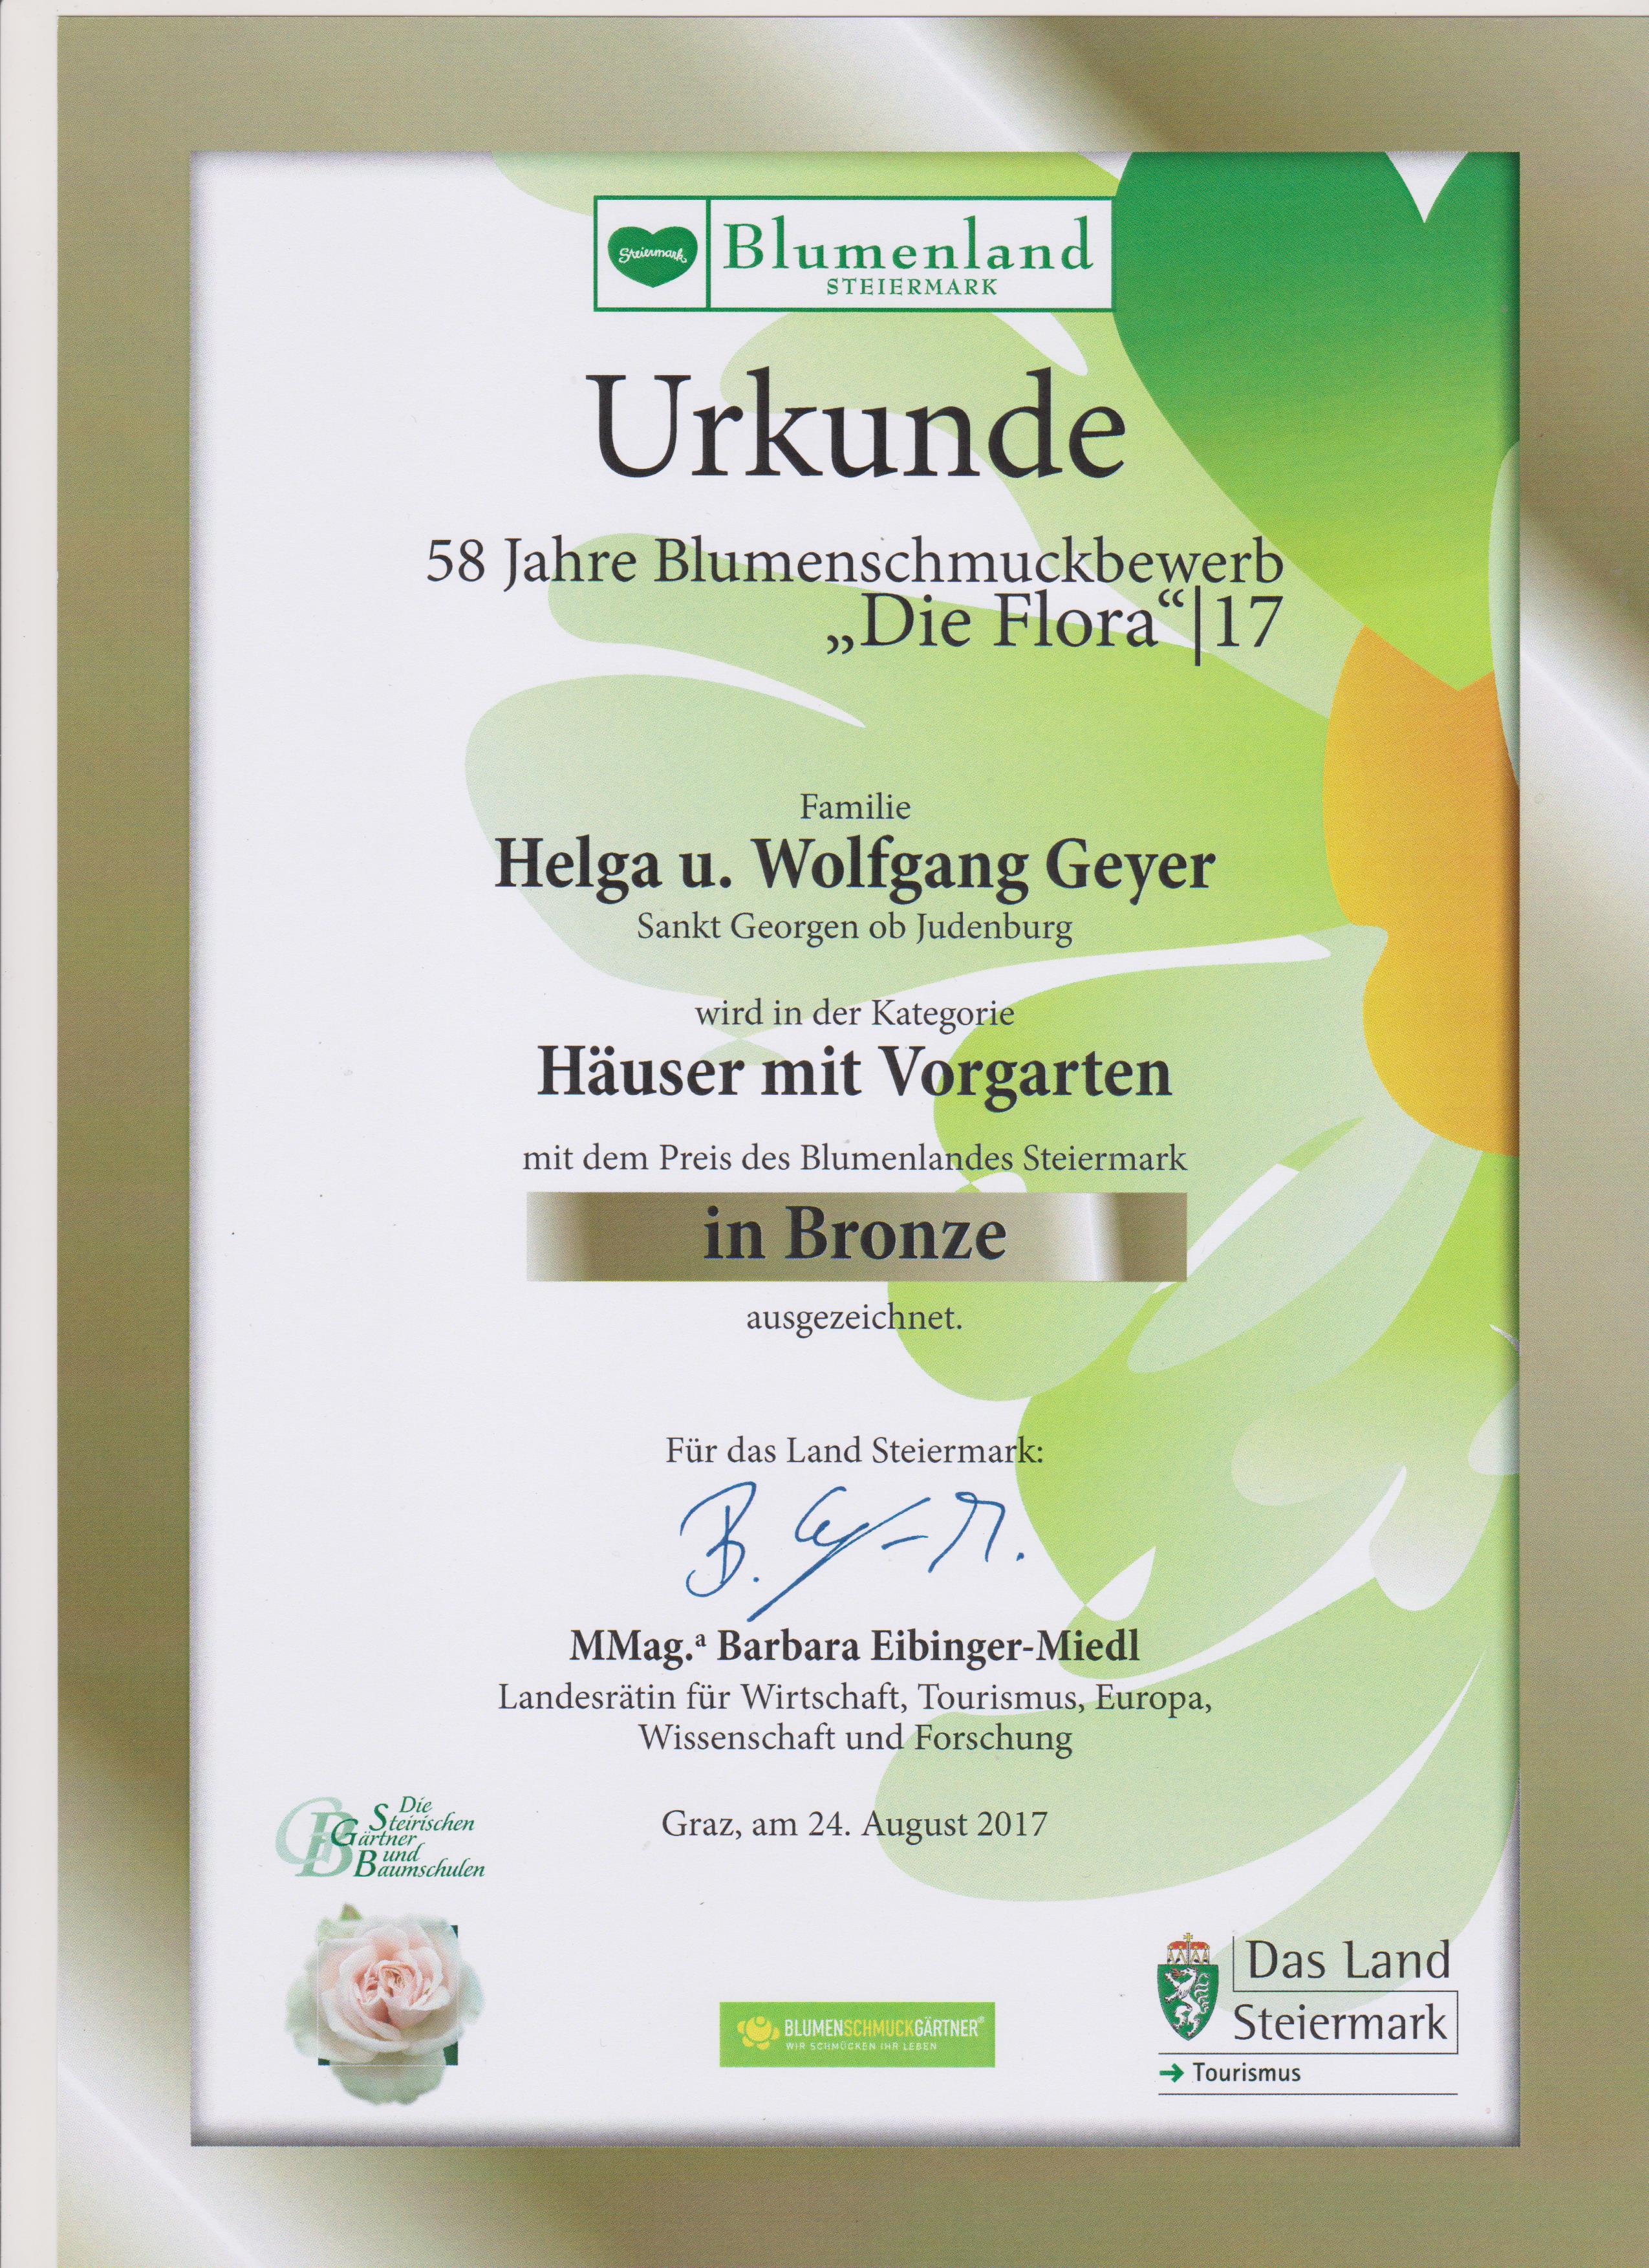 Urkunde Blumenschmuckbewerb die Flora 2017 Häuser mit Vorgarten 001